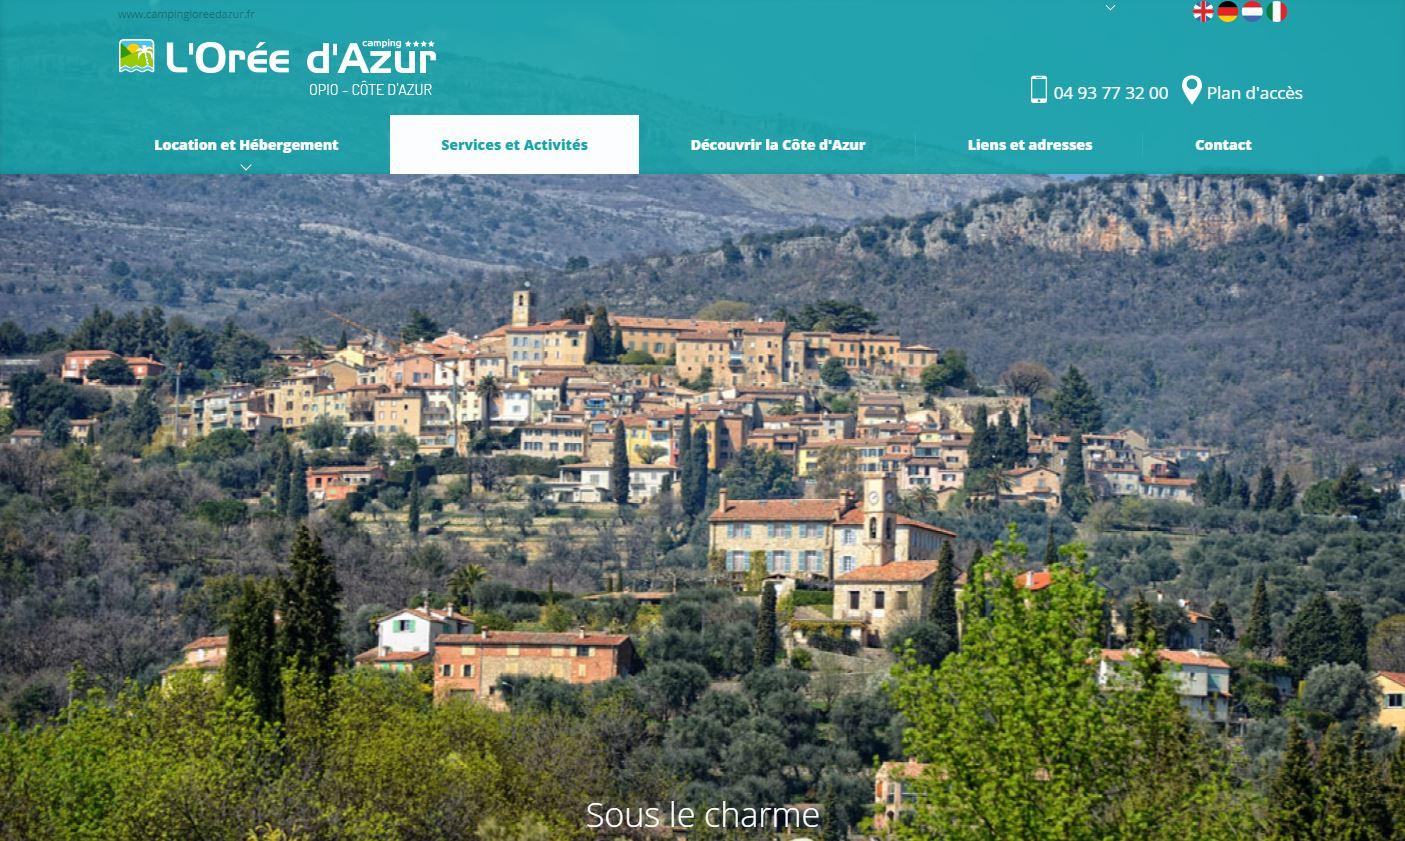 Camping L'Orée D'Azur : site internet et référencement